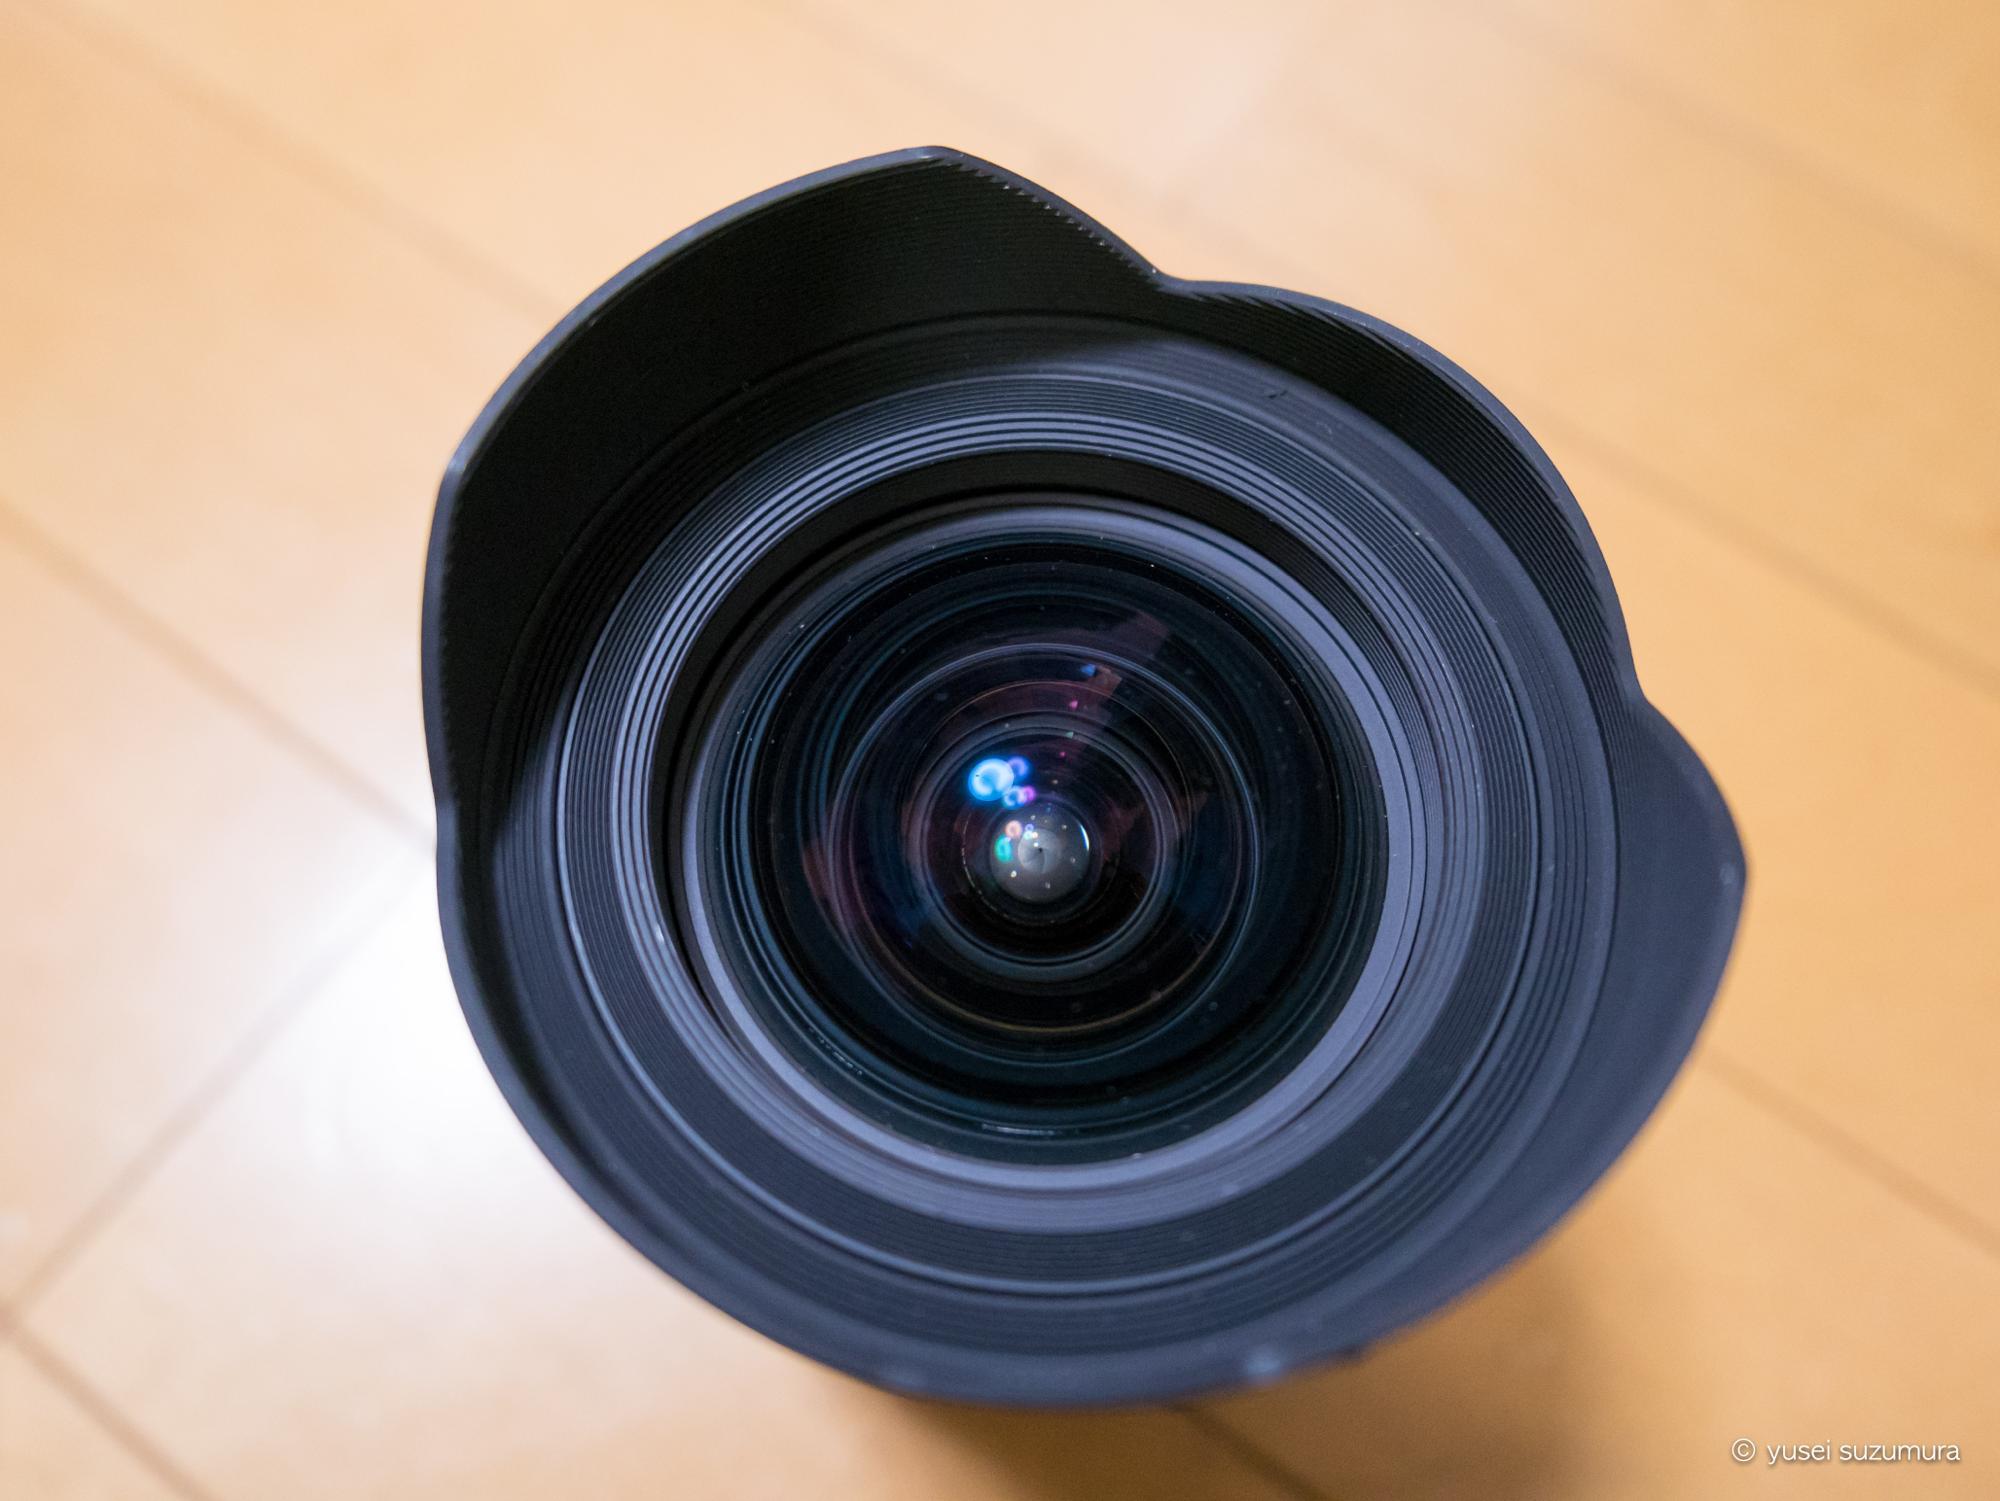 さようなら!SIGMA 12-24mm F4.5-5.6 EX DG ASPHERICALを売却!